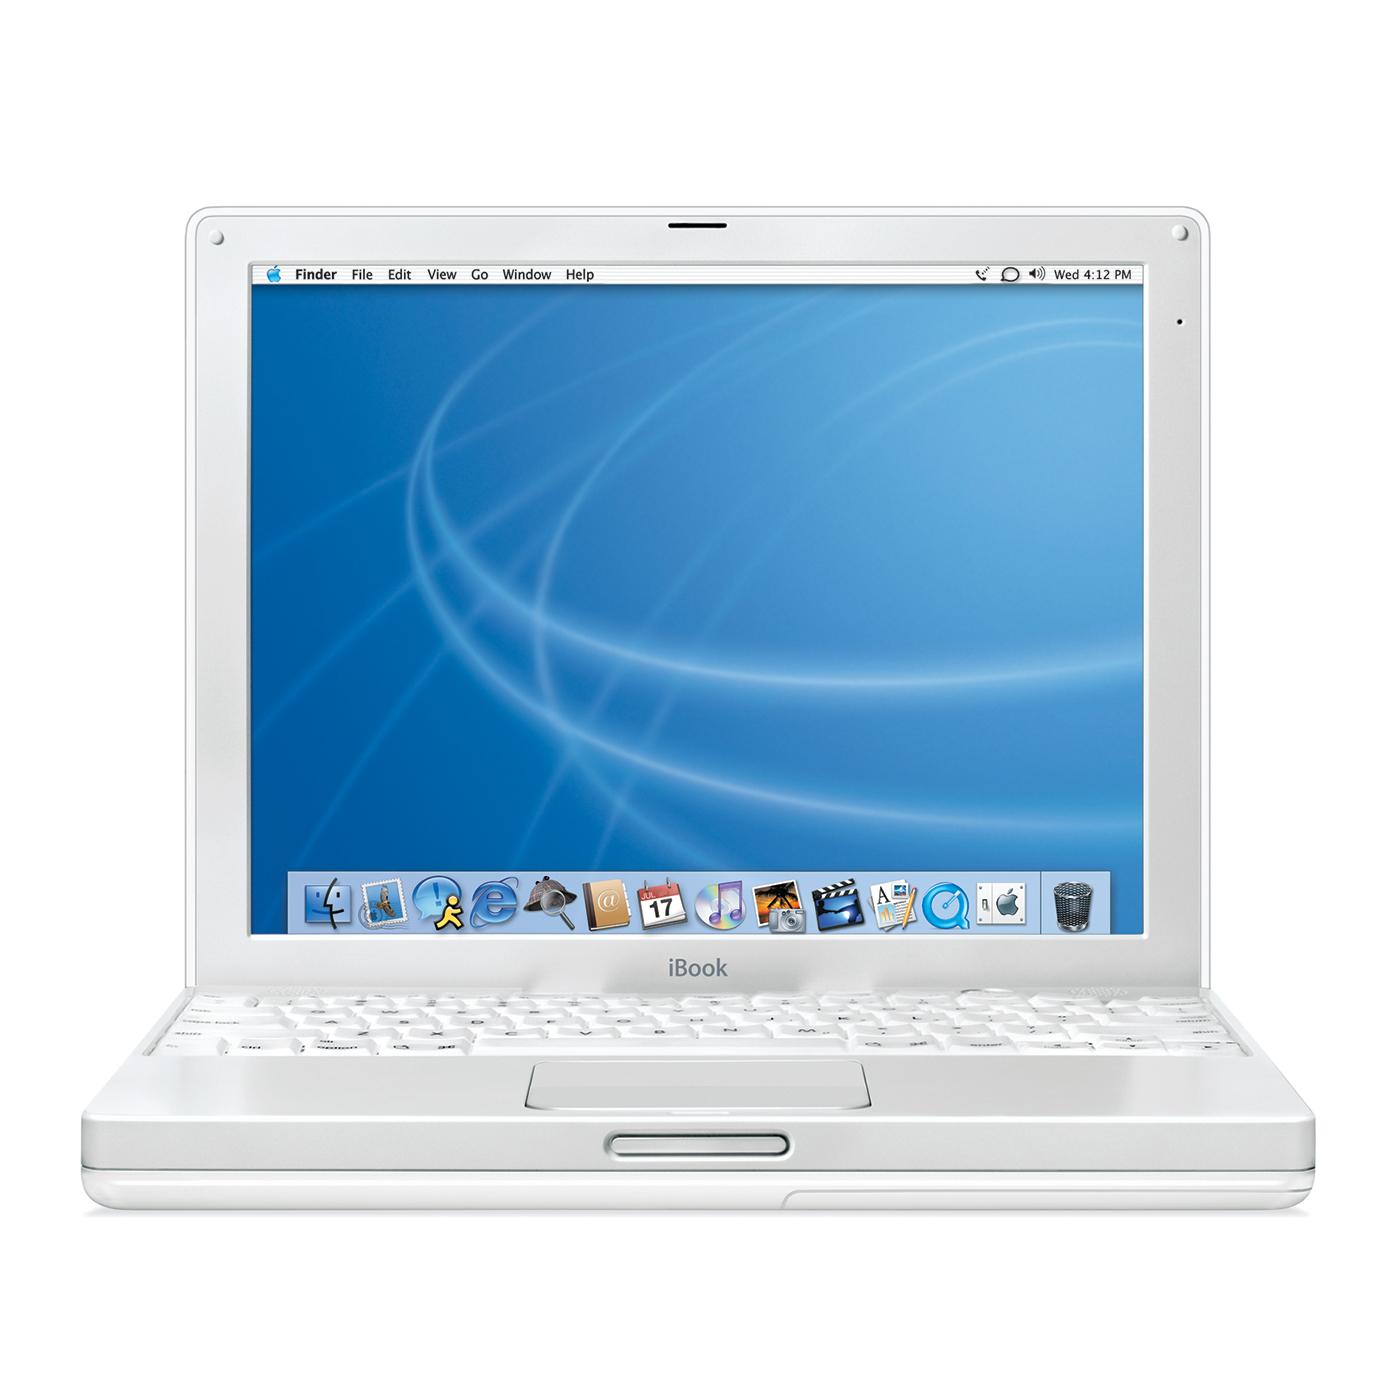 20041019_iBookG4